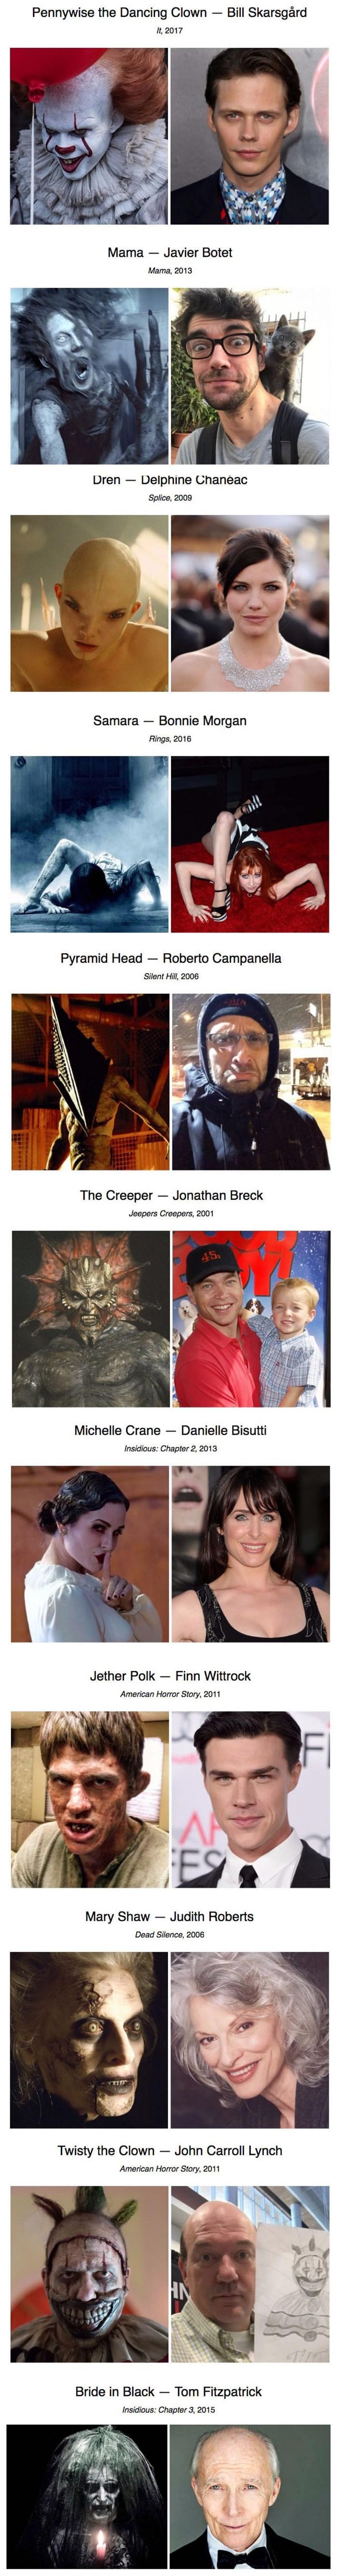 Ovako zvijezde horor filmova izgledaju u stvarnom životu